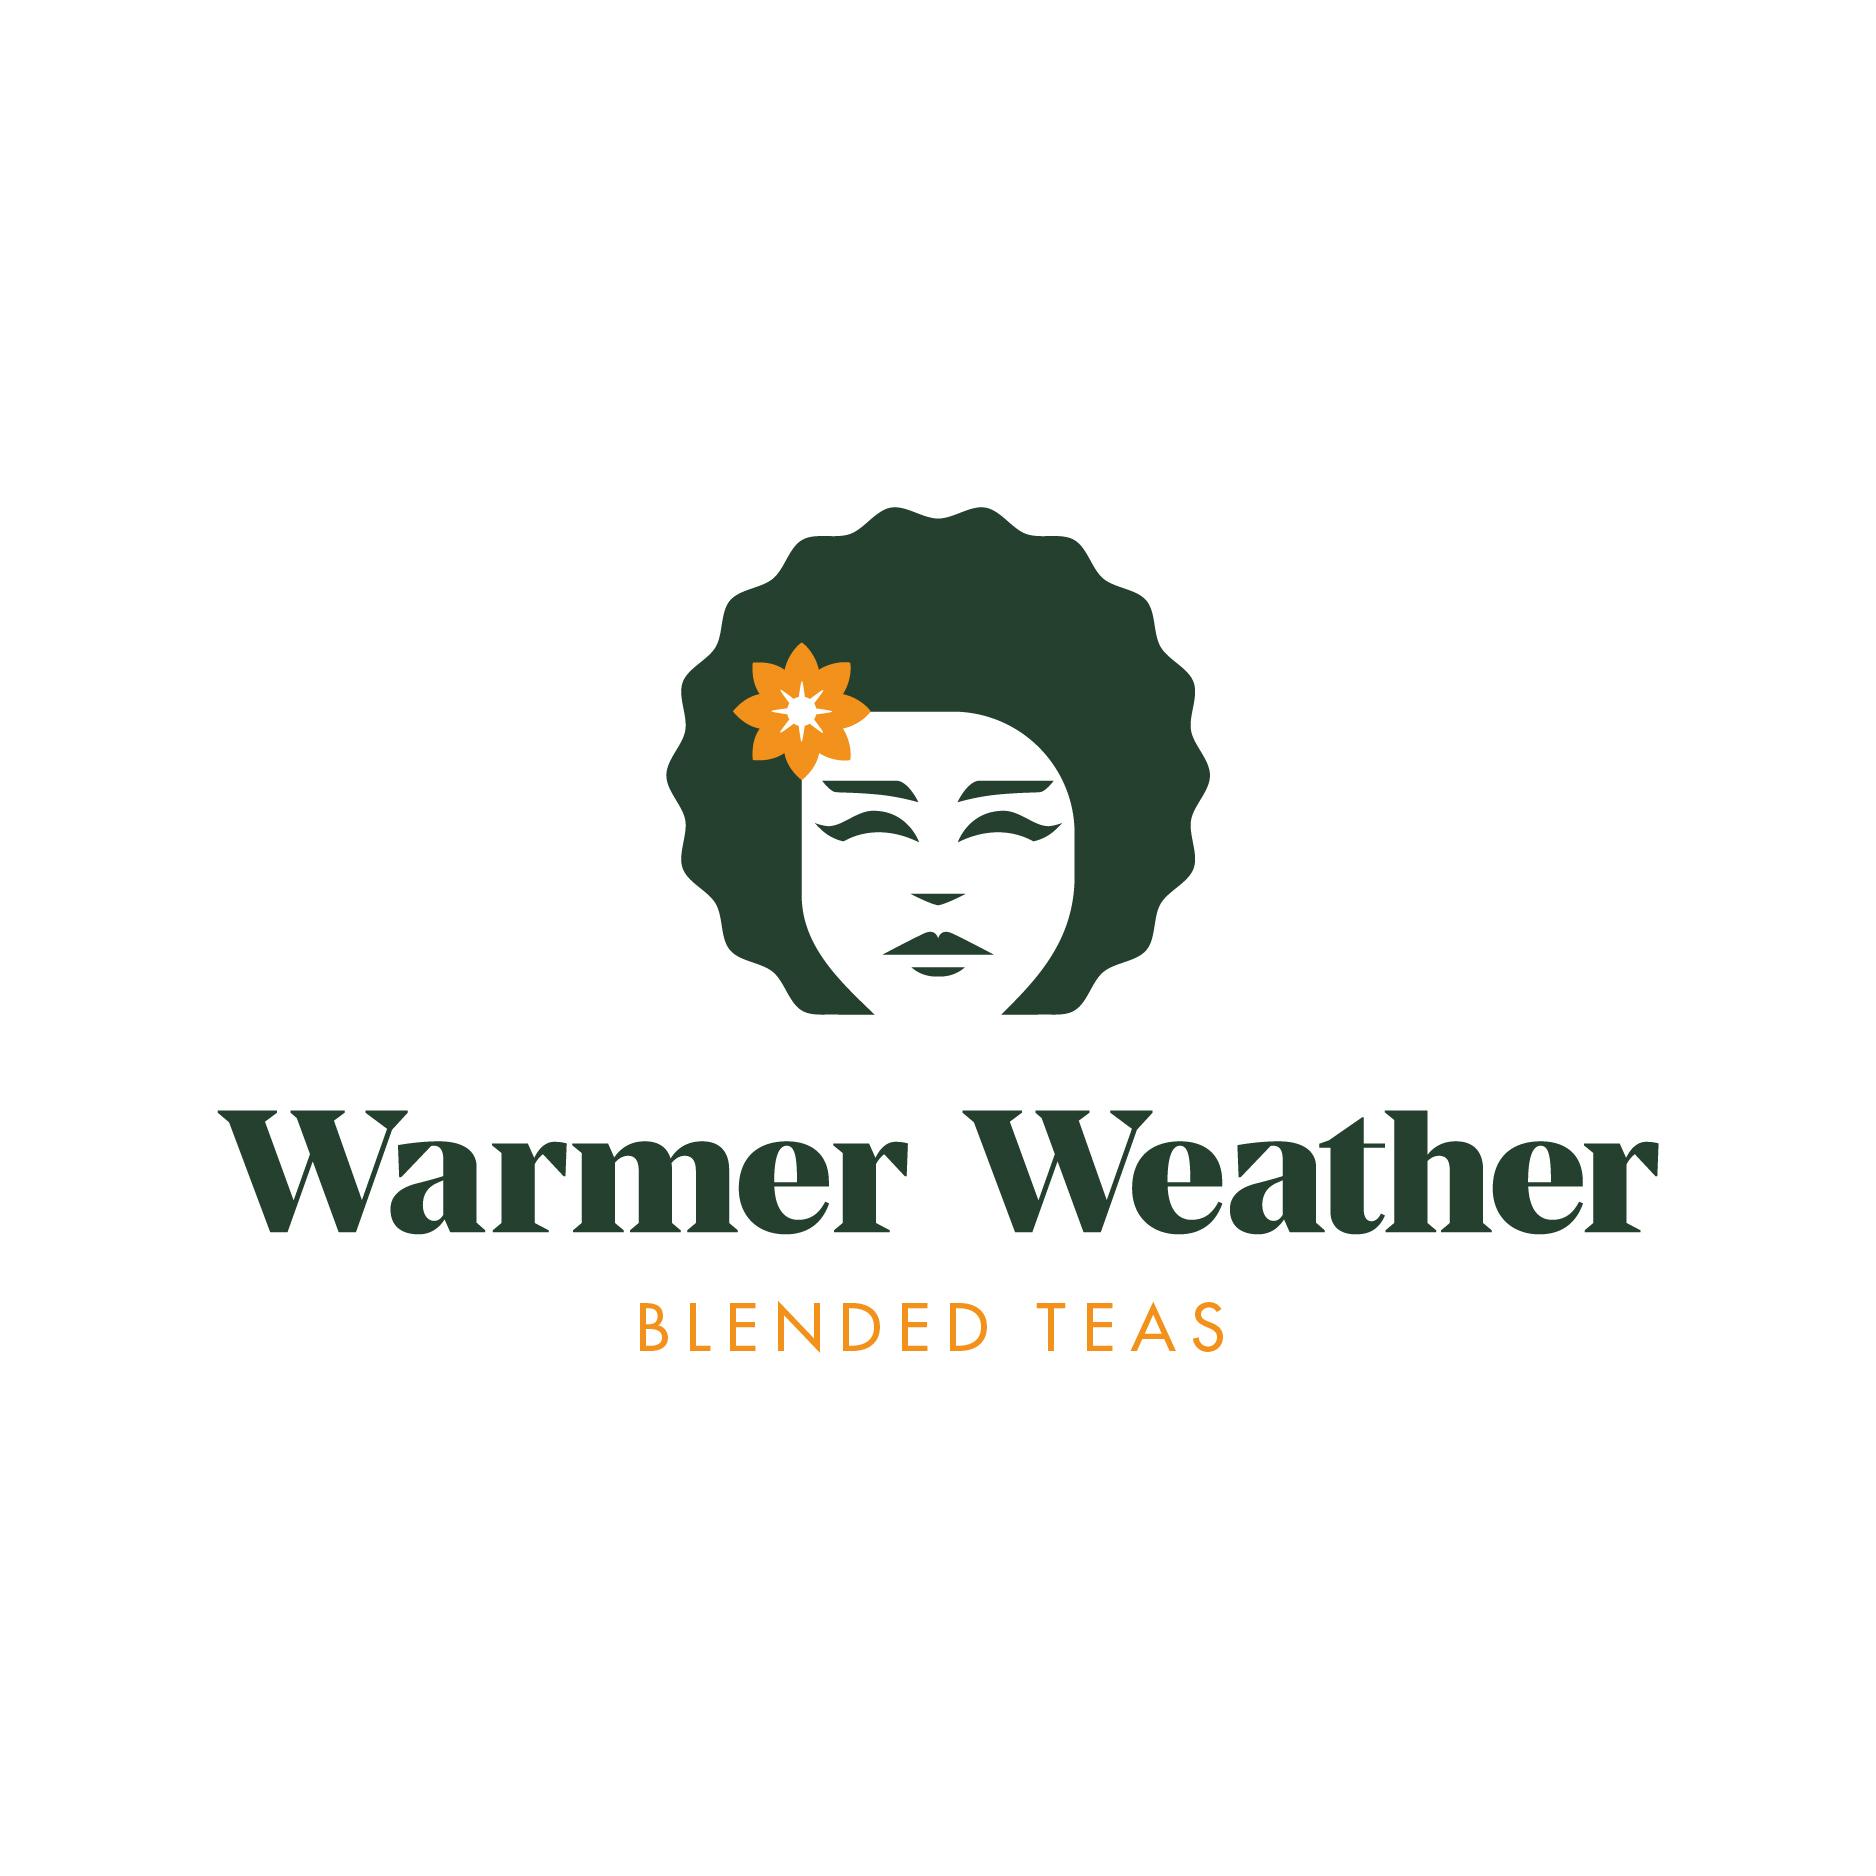 Warmer Weather Blended Tea